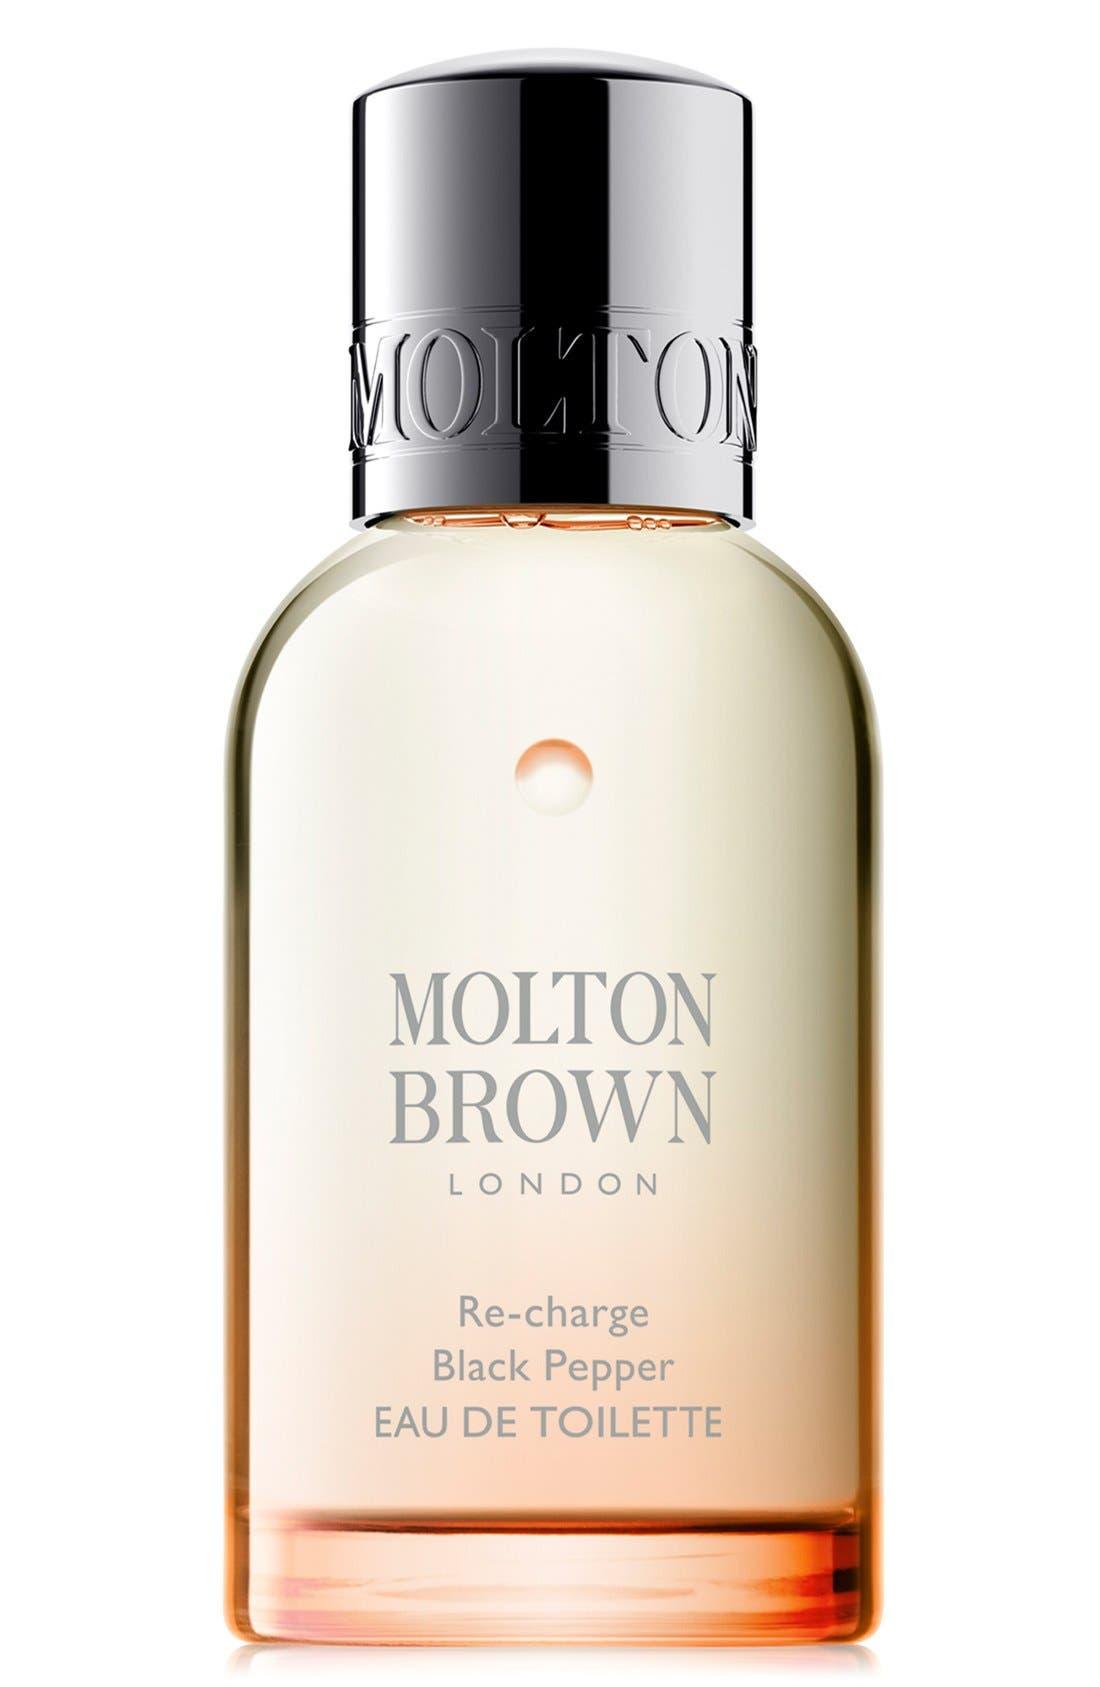 MOLTON BROWN London 'Re-charge Black Pepper' Eau de Toilette Spray